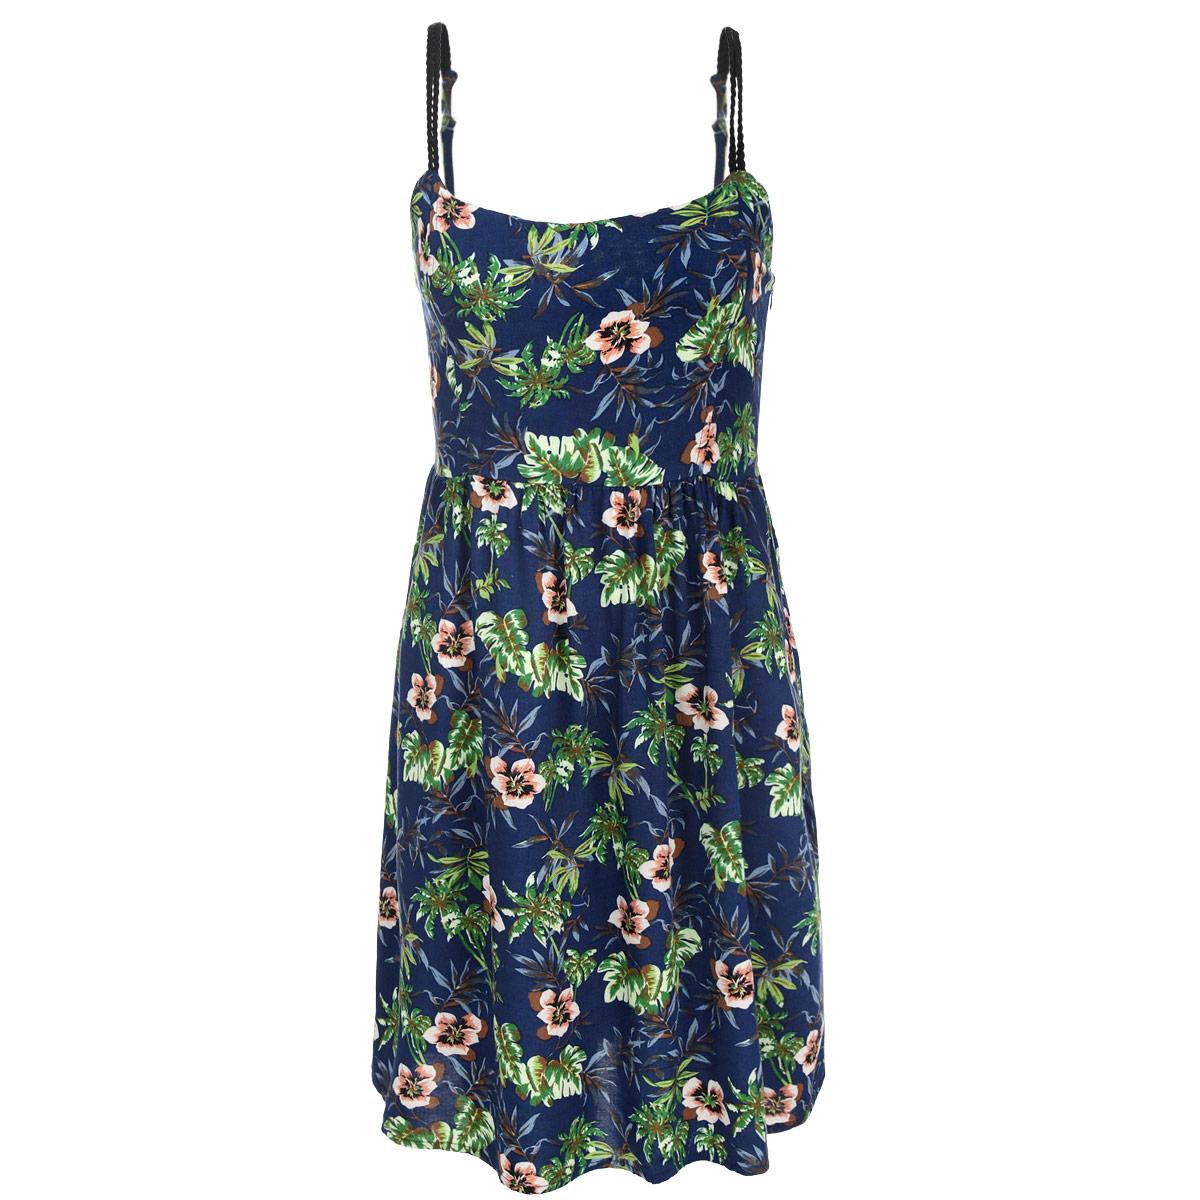 Платье. L-SU-1704 NAVYL-SU-1704 NAVYМодное платье Moodo, изготовленное из высококачественной вискозы с цветочным принтом, подарит вам ощущение праздника и комфорта. Модель средней длины, на тонких двойных бретельках, на спине дополнена мелкой резинкой, что обеспечивает наилучшую посадку. Лямки регулируются по длине. Сбоку изделие застегивается на потайную молнию. В этом платье вы всегда будете чувствовать себя уверенно, оставаясь в центре внимания.